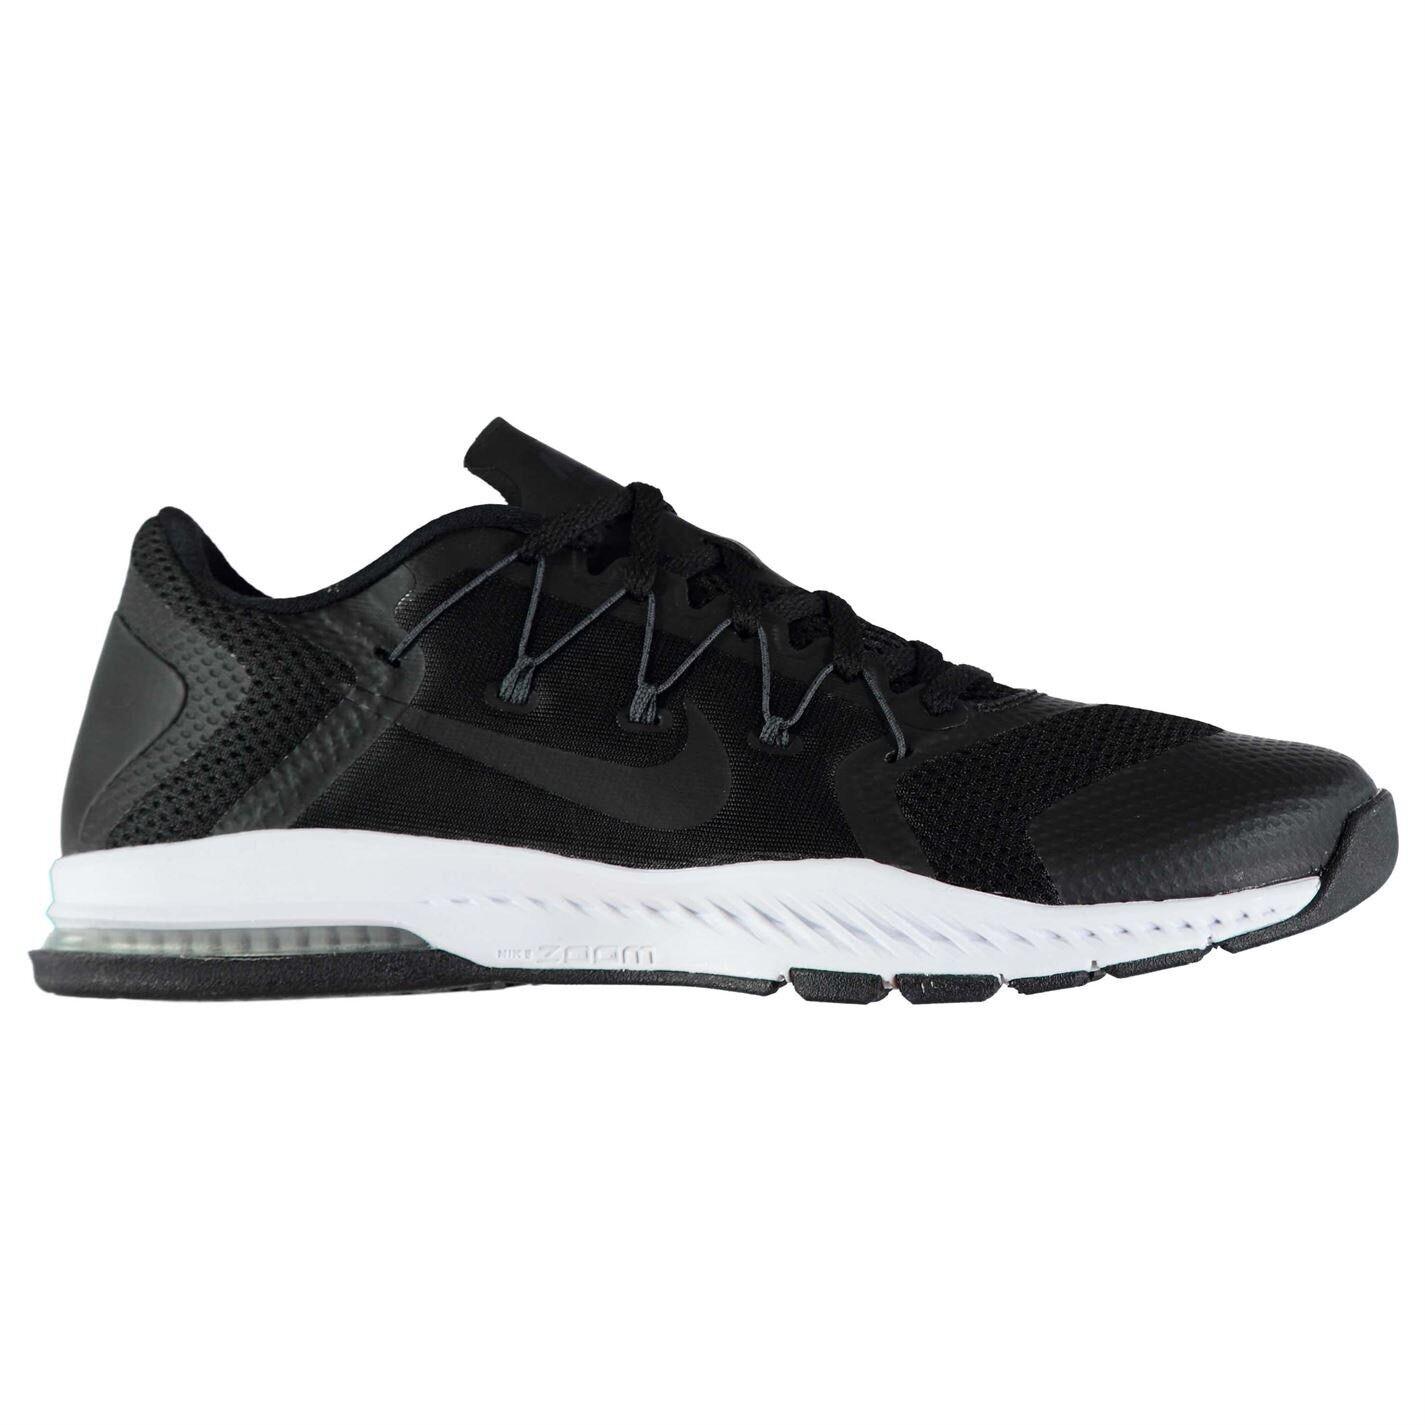 Nike zoom - train vollständige tb schwarz weißes weißes schwarz kreuz